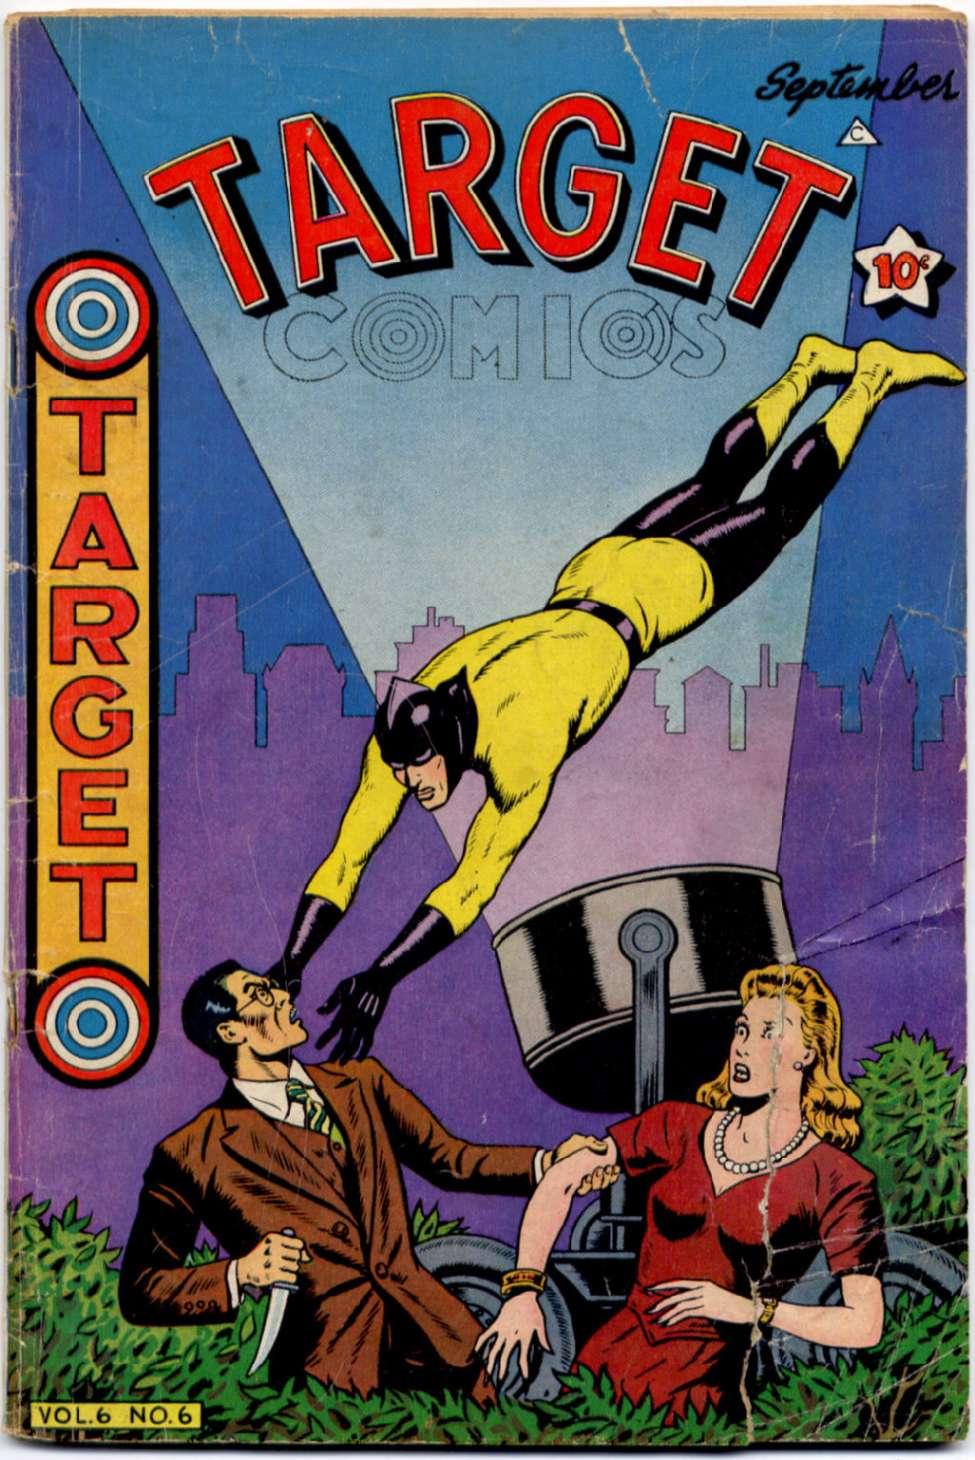 Target Comics v6 #6, Novelty